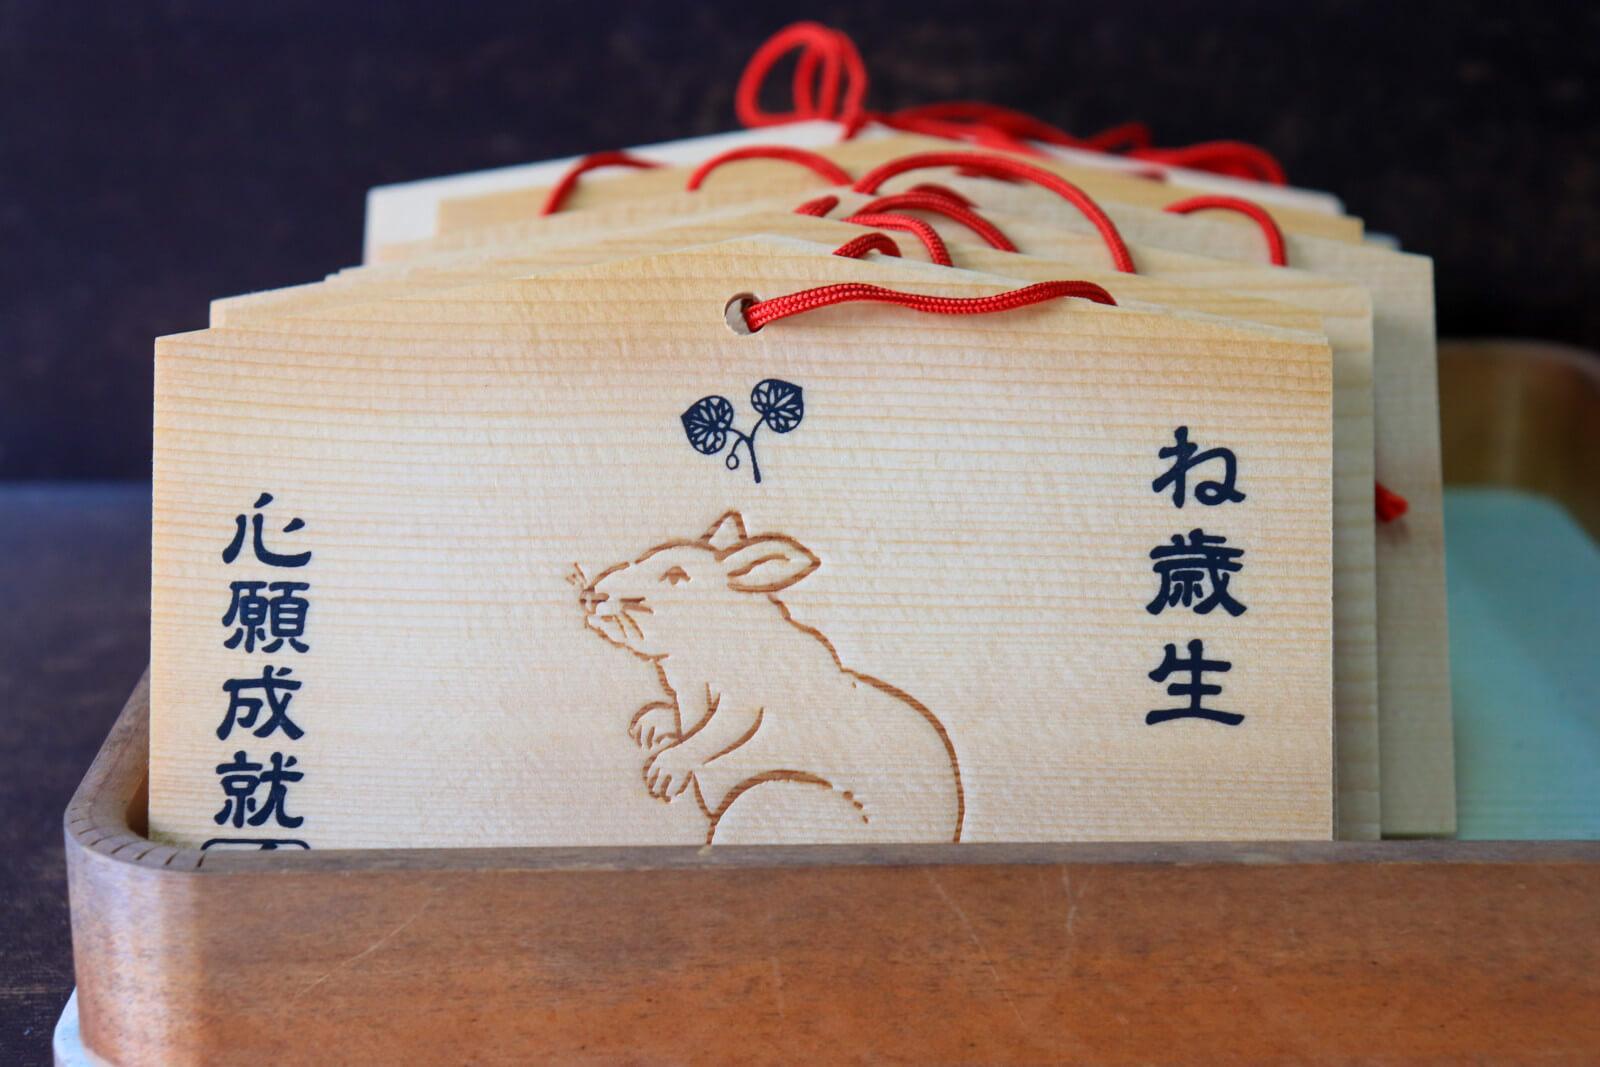 絵馬にネズミの焼印(ね歳生)